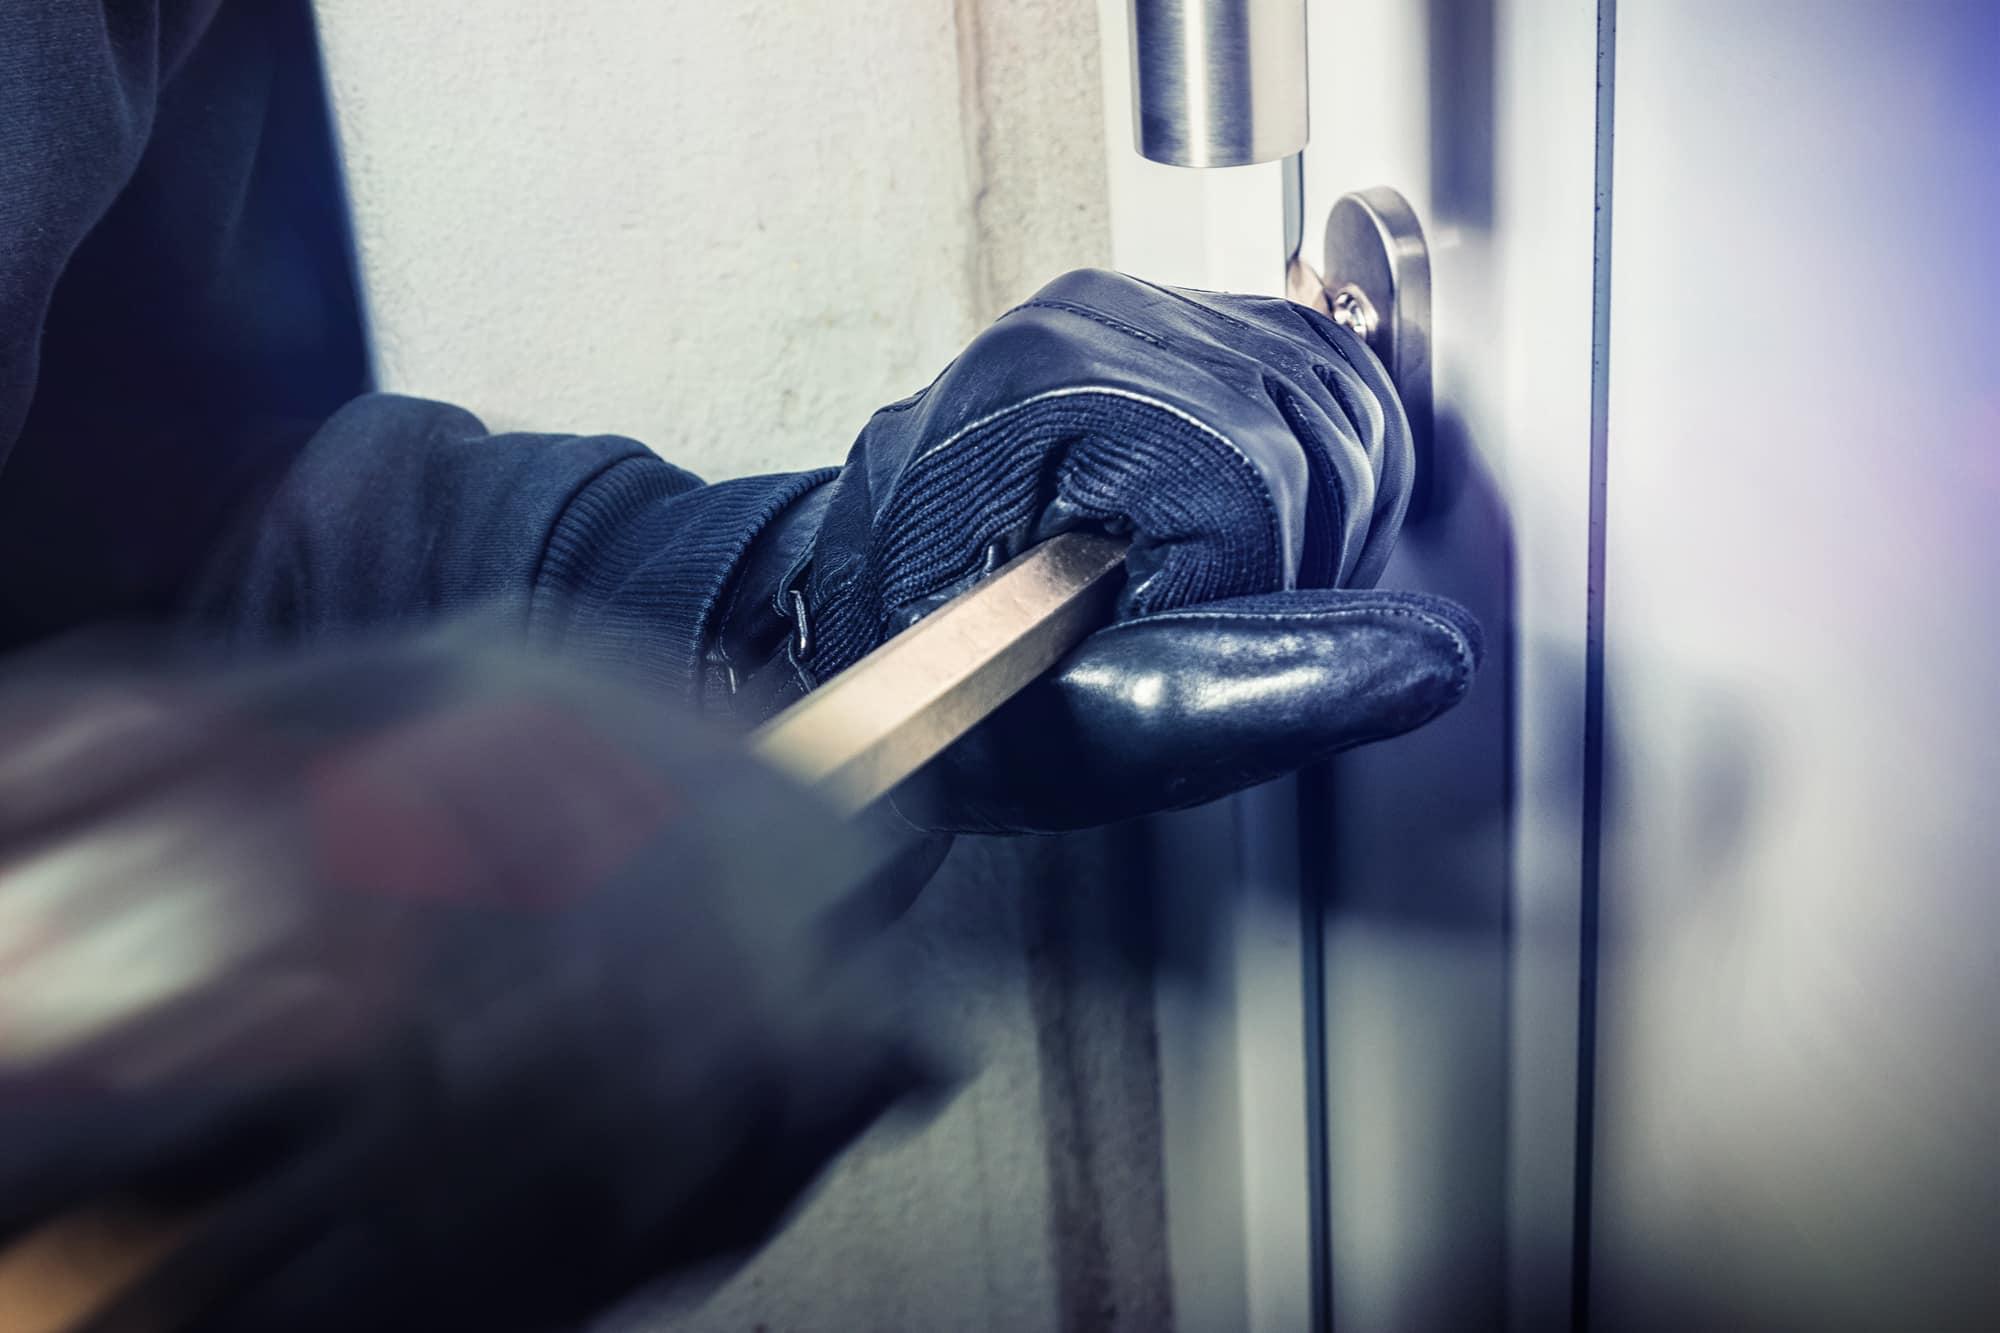 אי הרשעה לקטין שהואשם בשלושה תיקי פריצה לבתי עסק ועבירות סמים